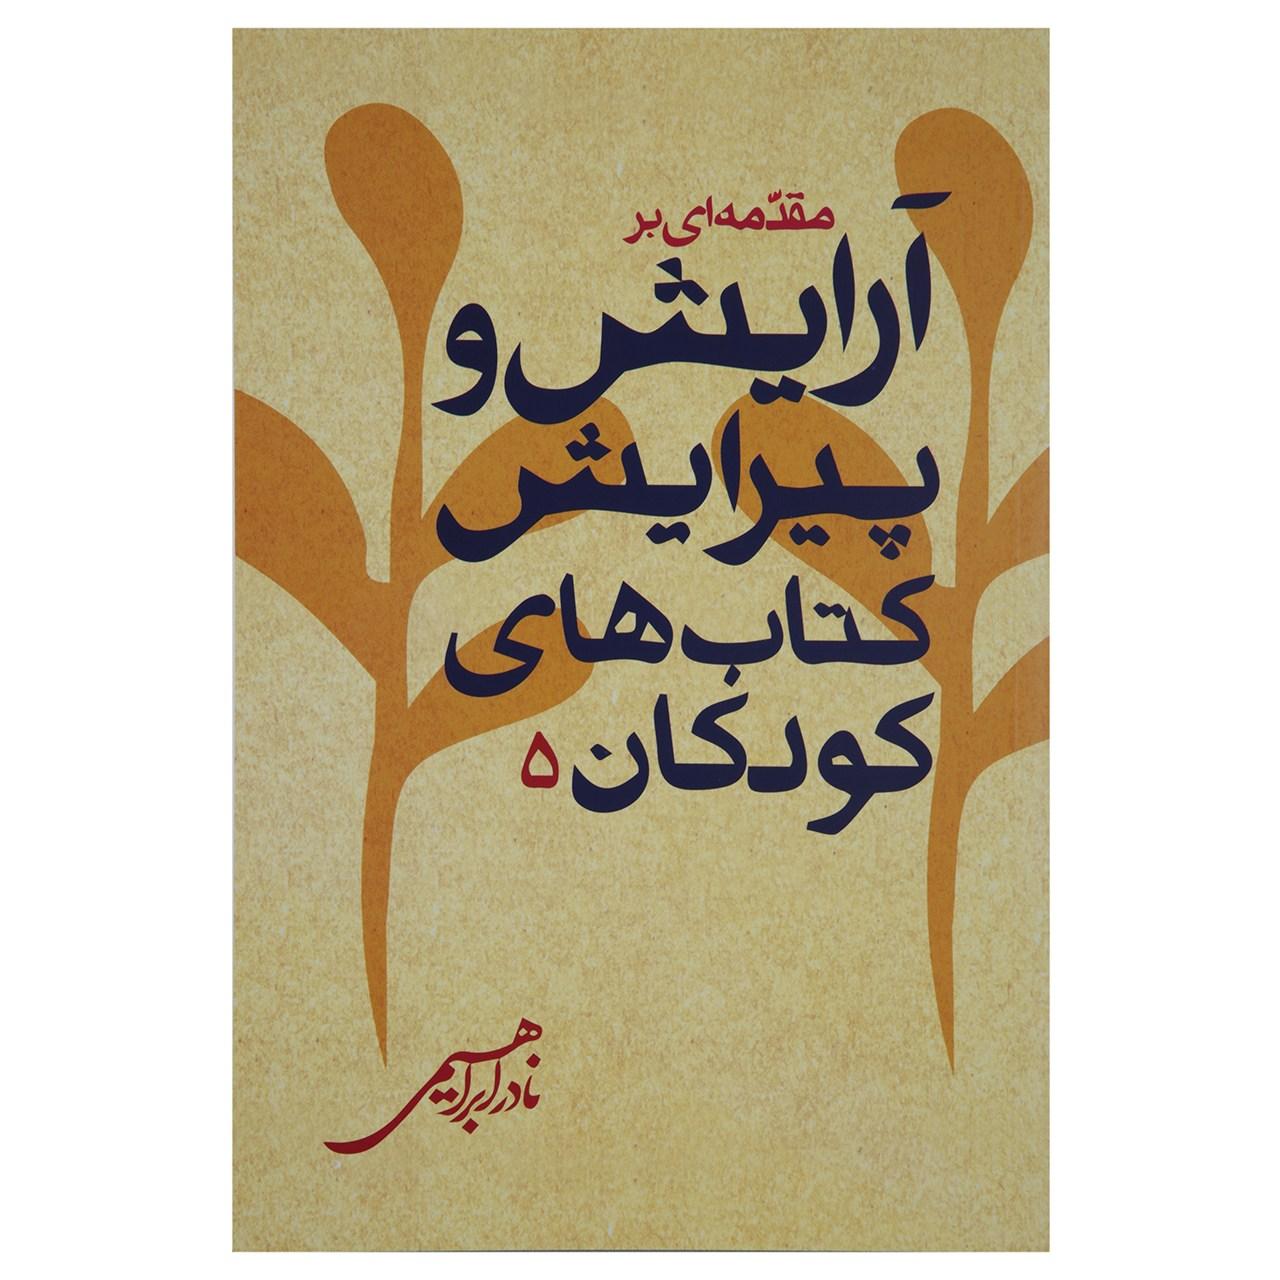 کتاب مقدمهای بر آرایش و پیرایش کودکان پنج اثر نادر ابراهیمی